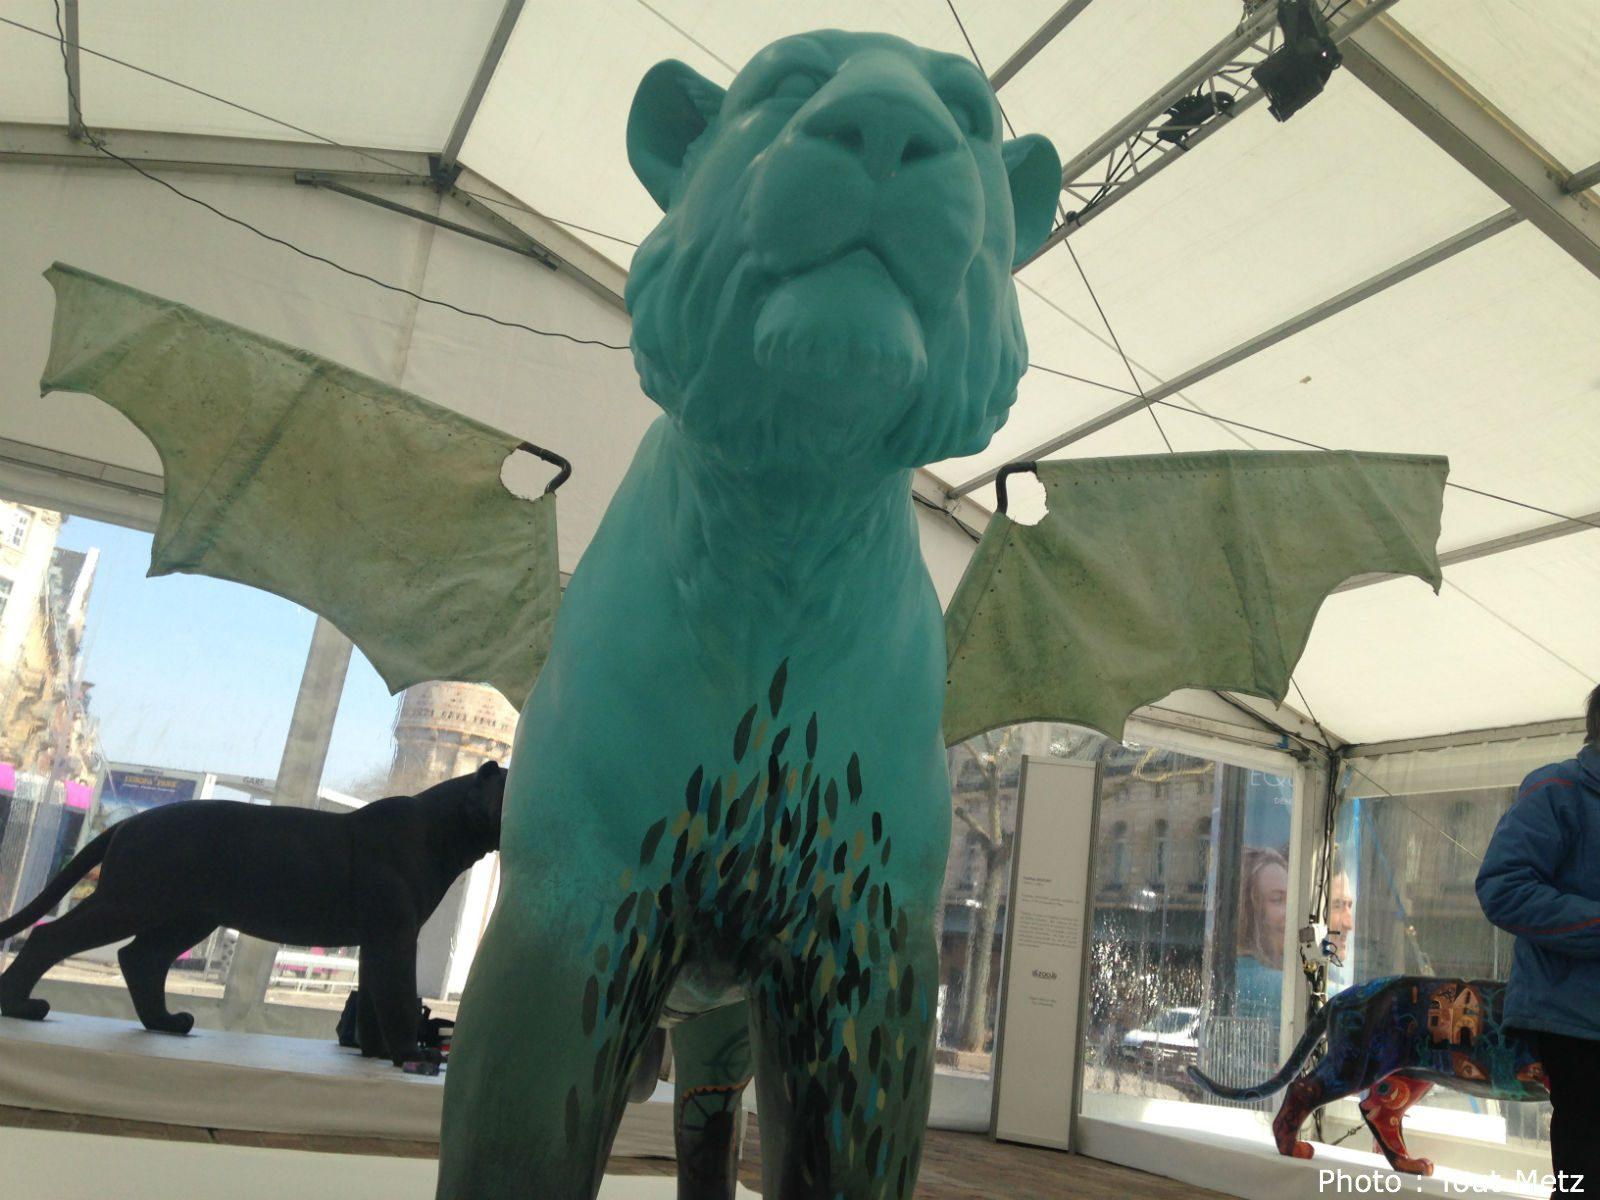 Exposition : balade en photos au milieu des tigres, à Metz